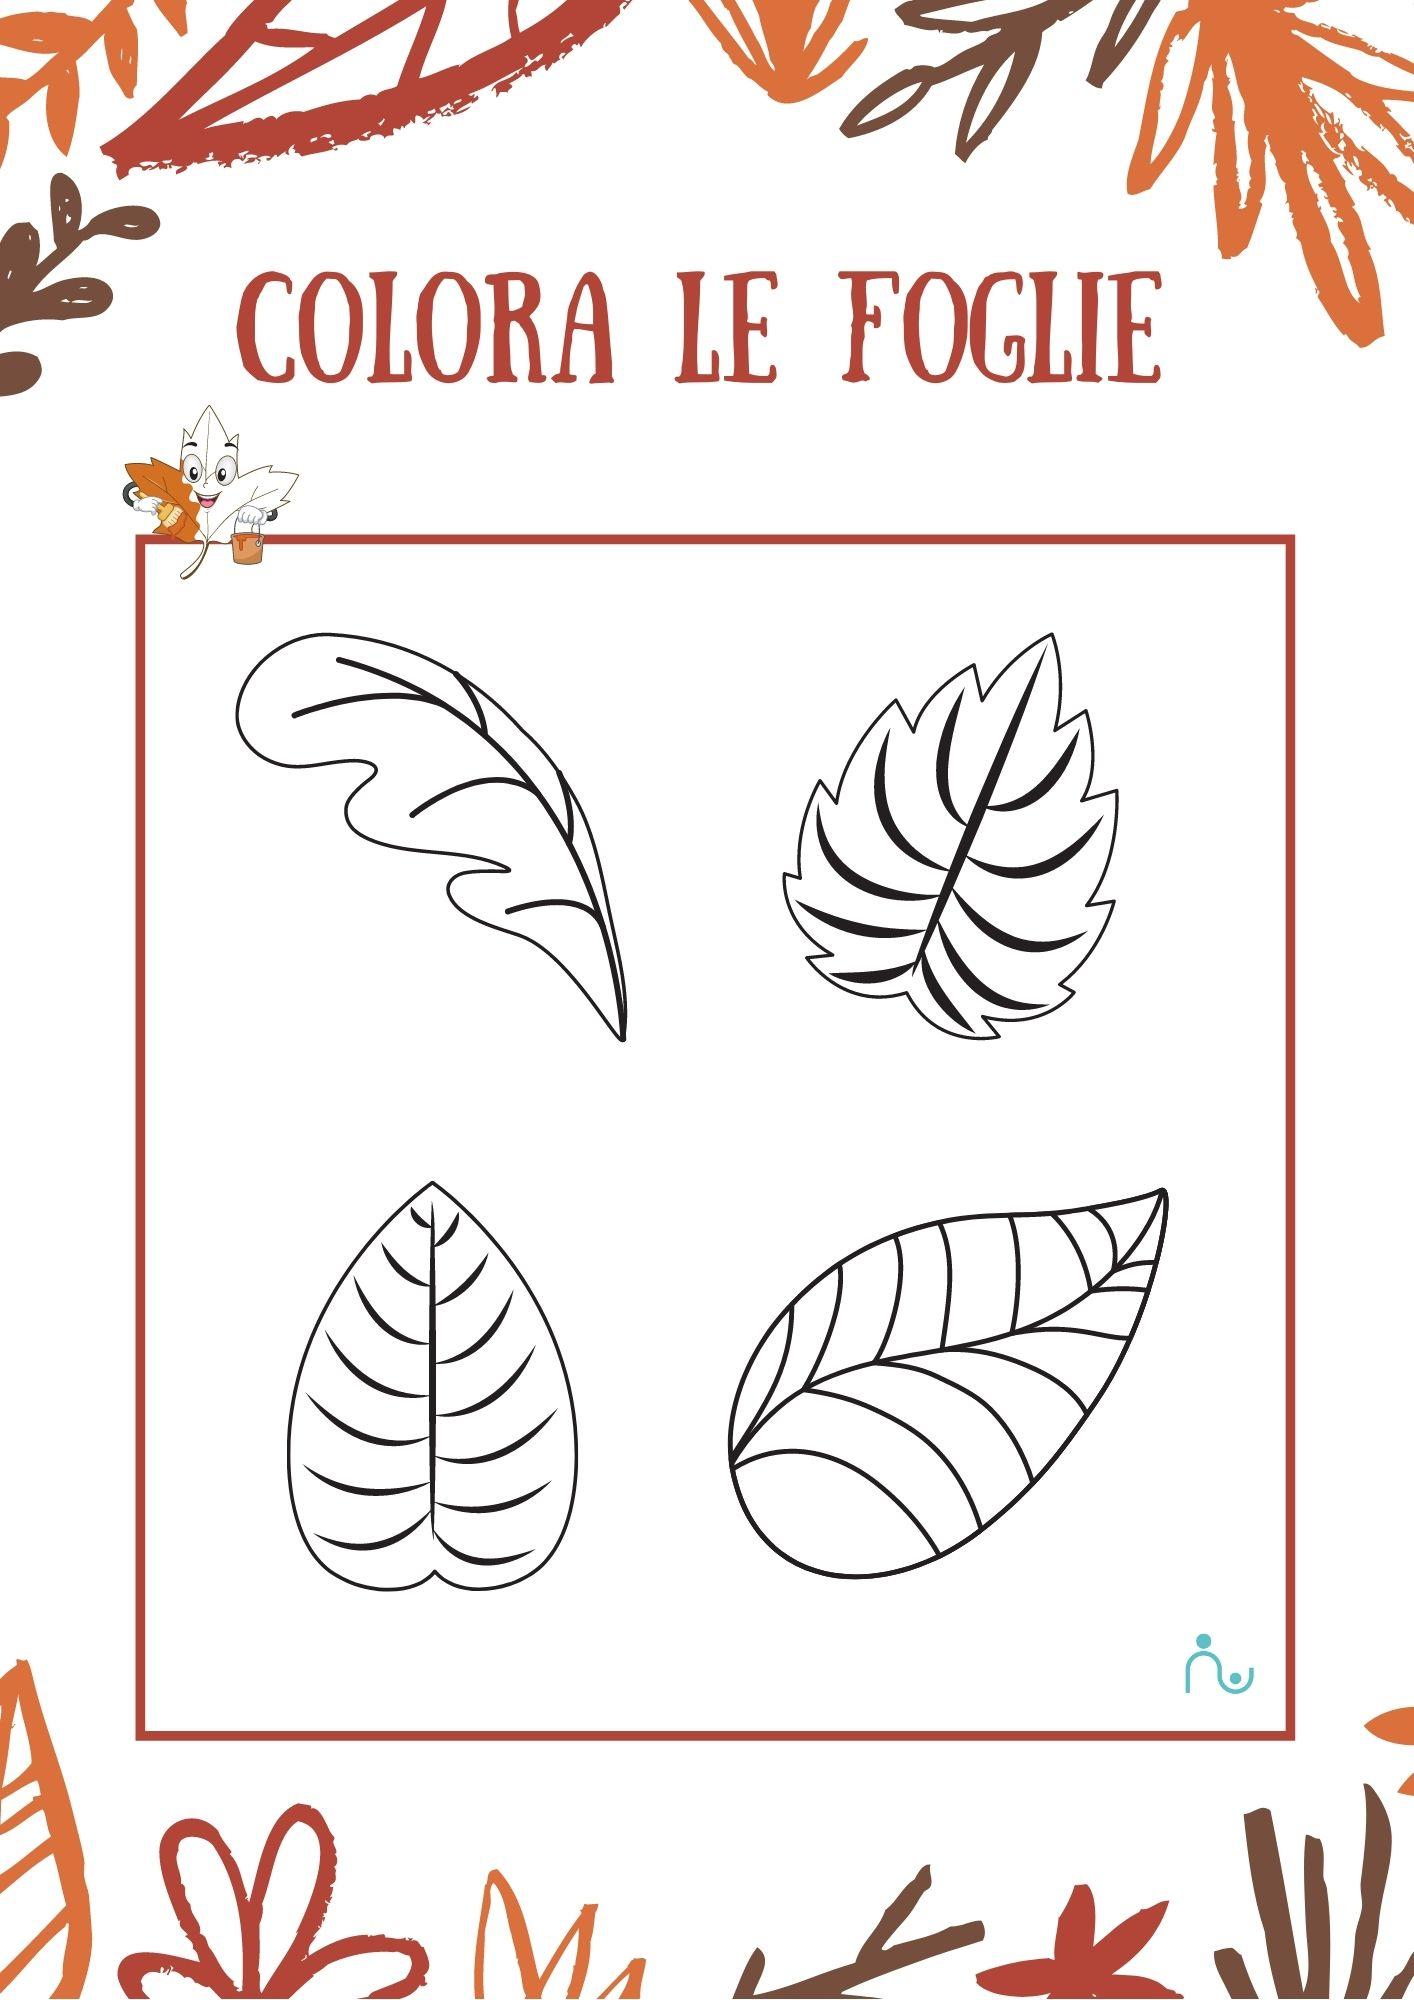 Come spiegare l'autunno ai bambini: perché le foglie cadono e hanno colori diversi?